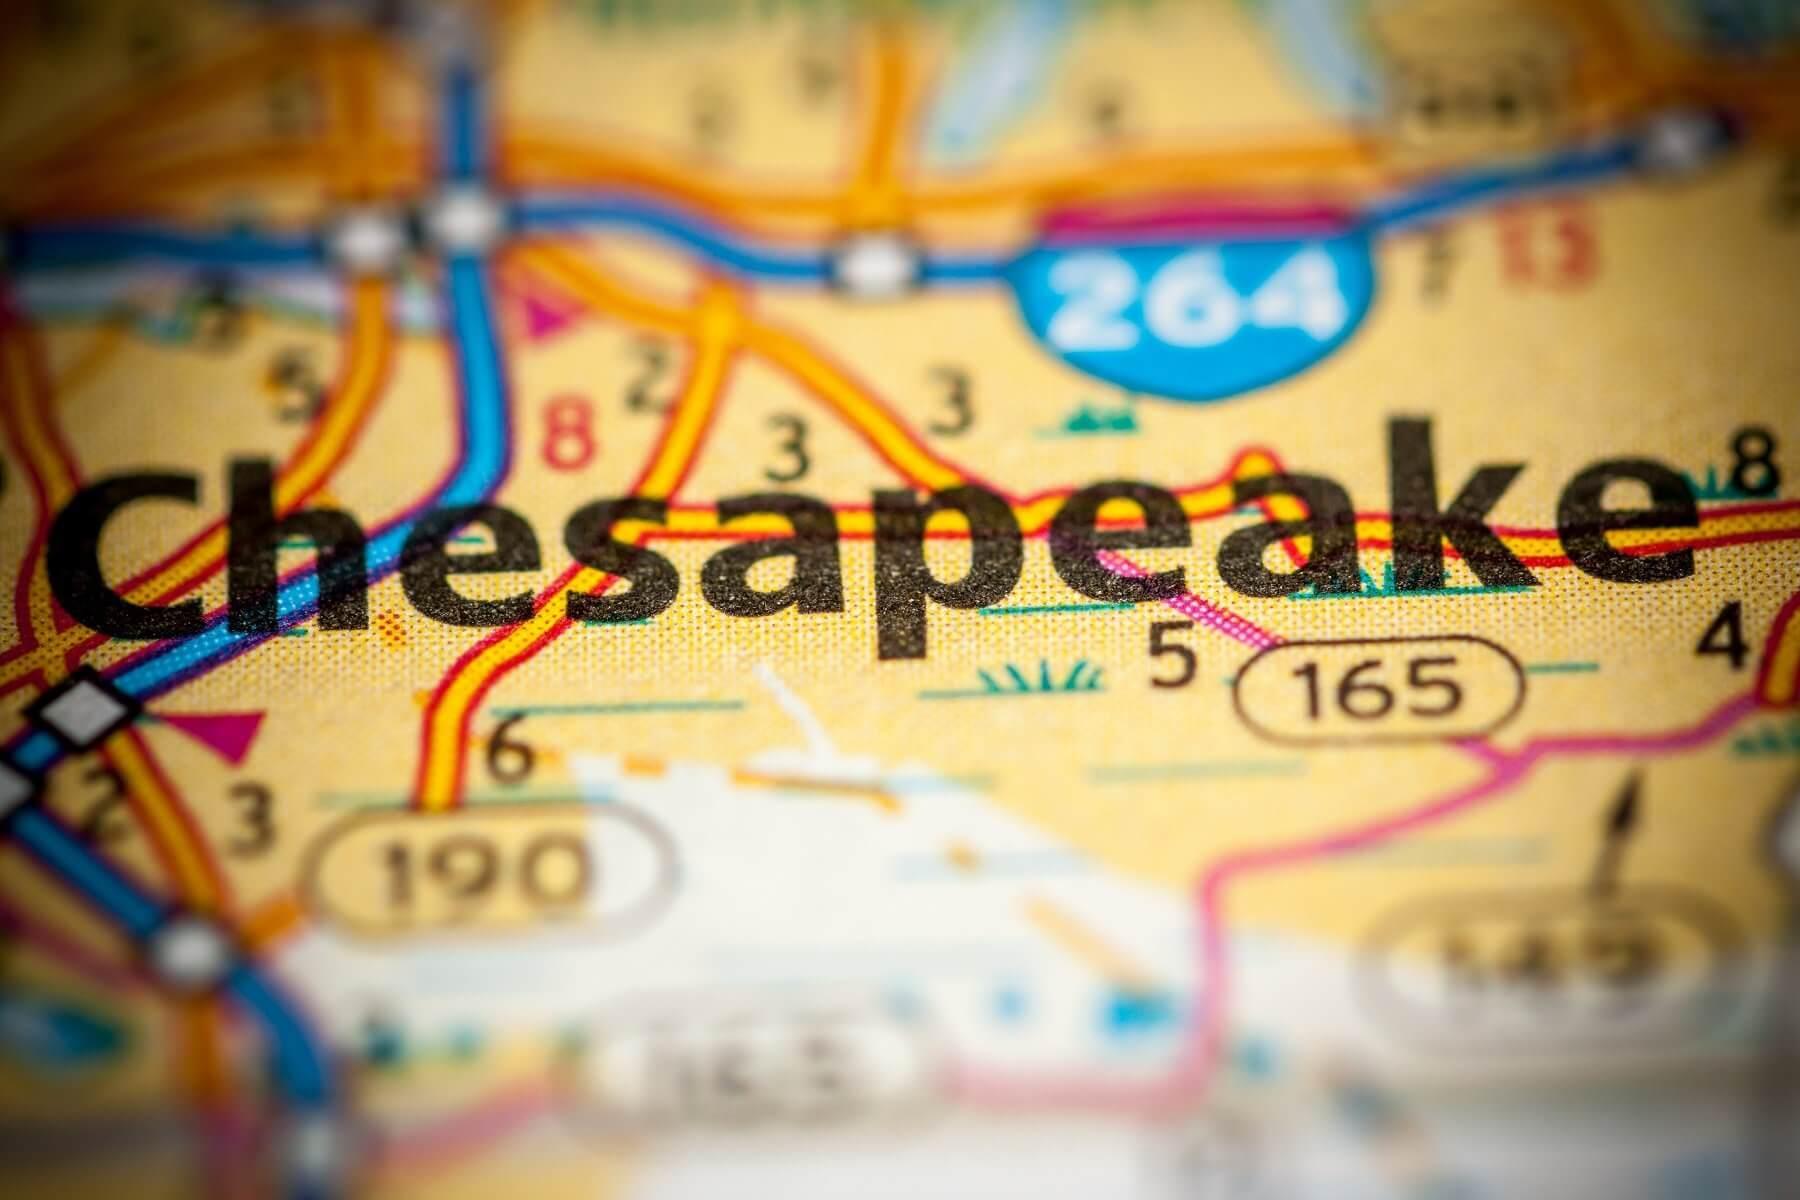 shutterstock 608151200 Chesapeake